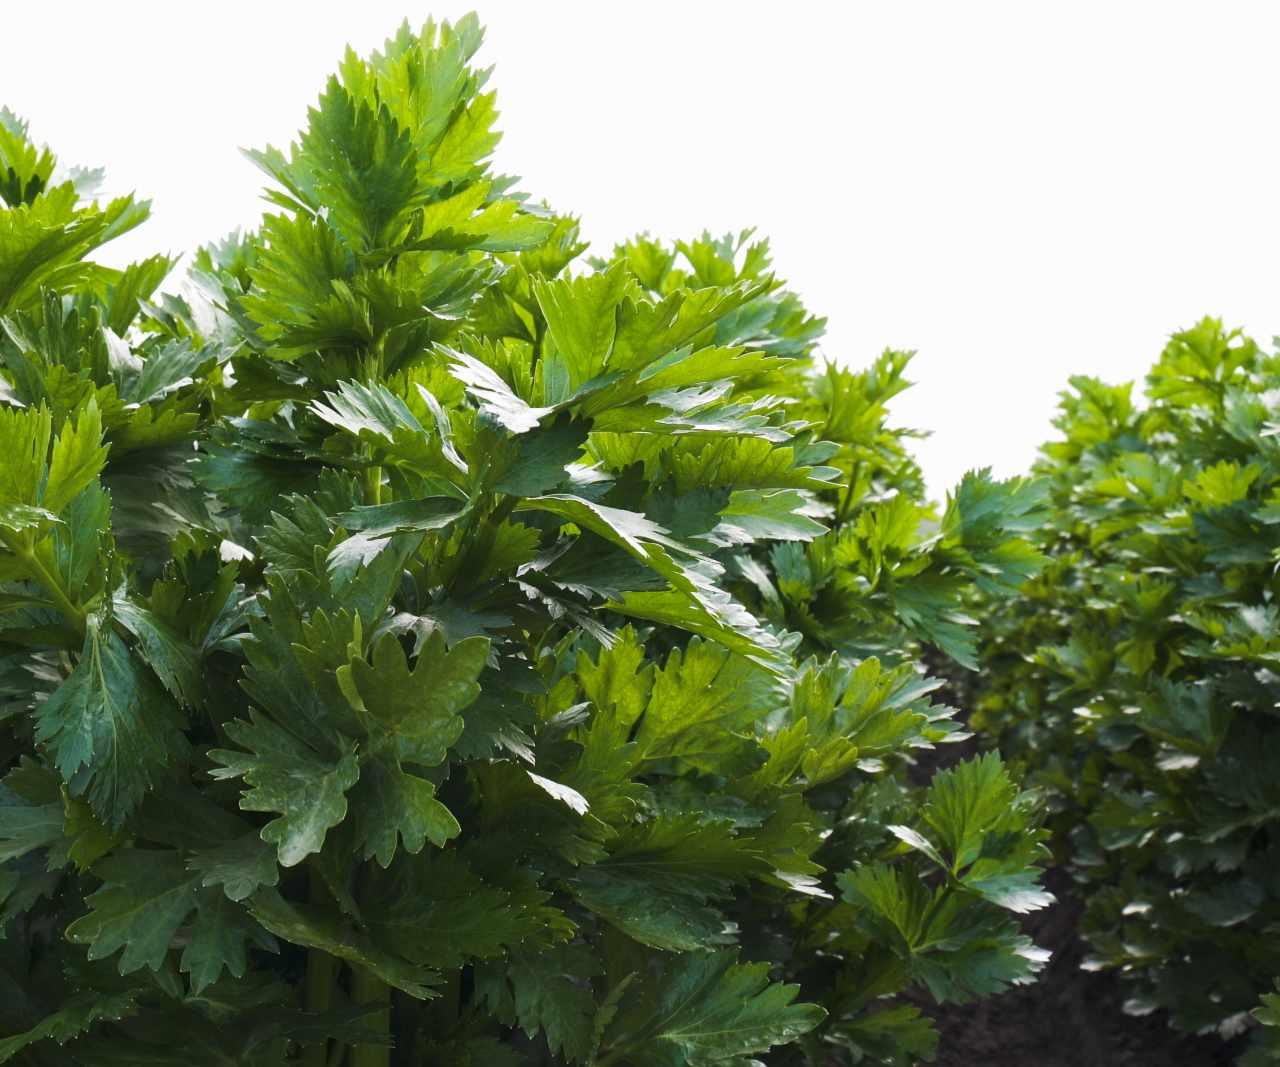 Somos una empresa ecuatoriana de hortalizas Ecuahort